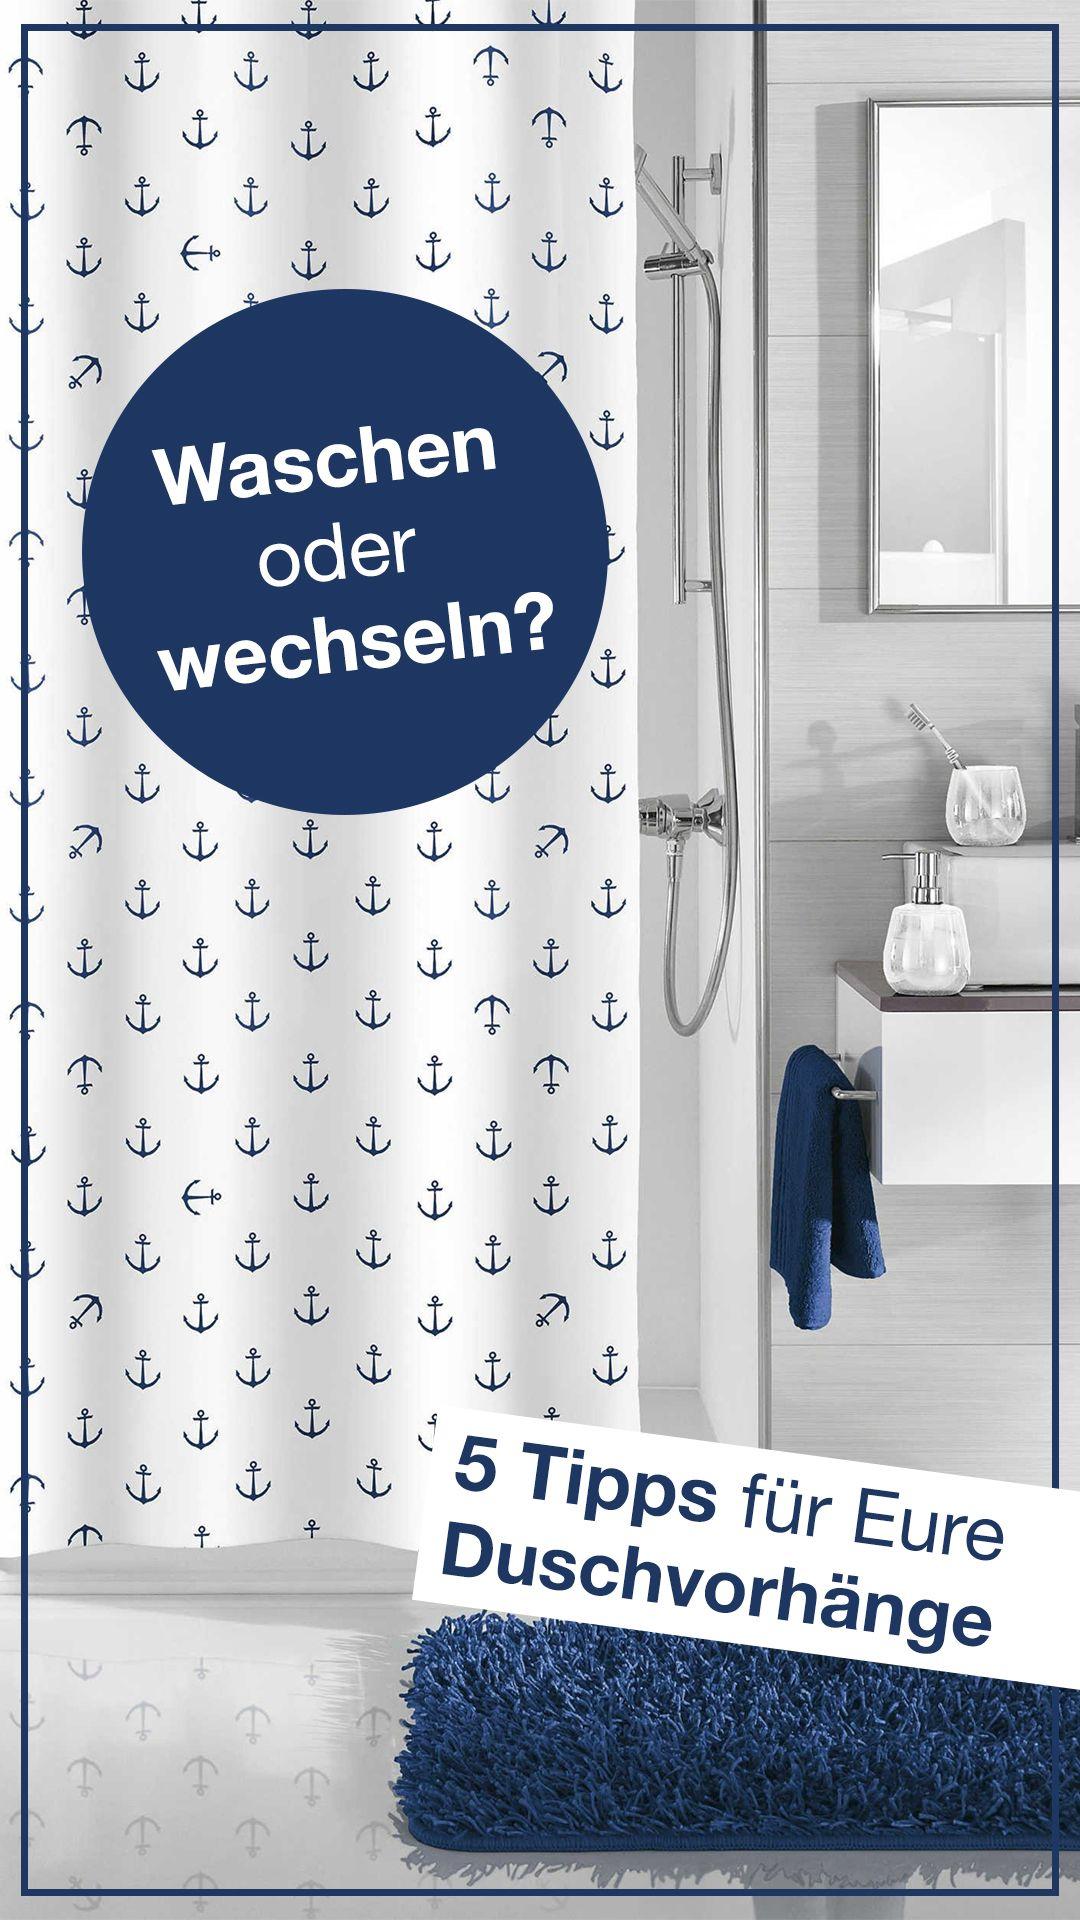 1️⃣ Duschvorhang nach dem Duschen wieder richtig aufziehen